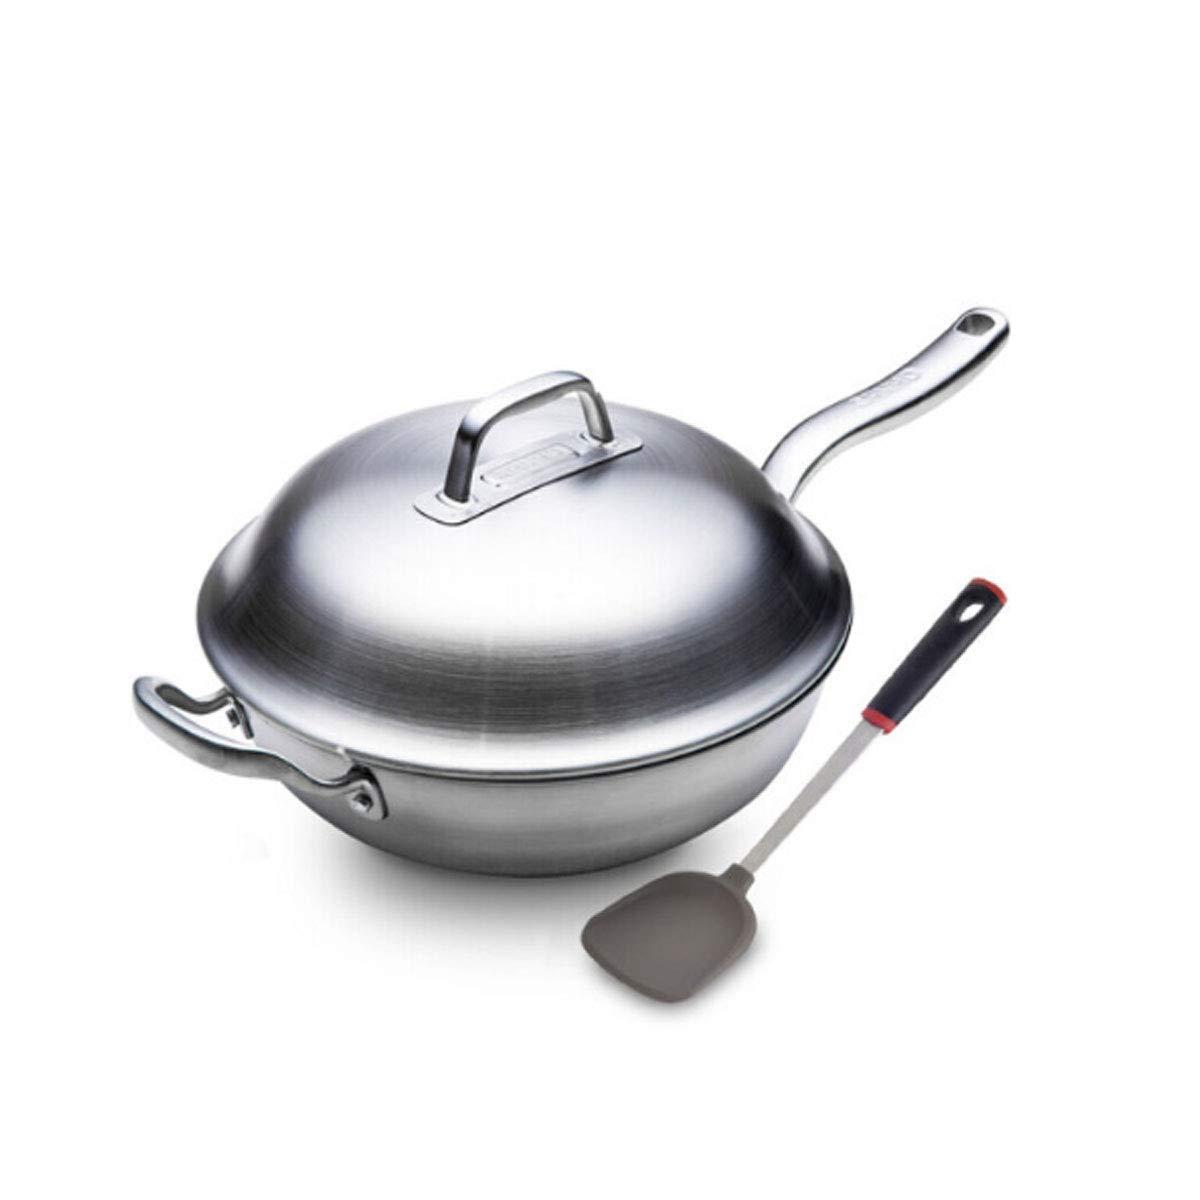 鍋、台所標準の12インチステンレス鋼製の中華鍋、ガスコンロ、電磁調理器は使用可能、シルバーホワイト(送信シリコンシャベル) (Color : Silver)  Silver B07QNV67FN